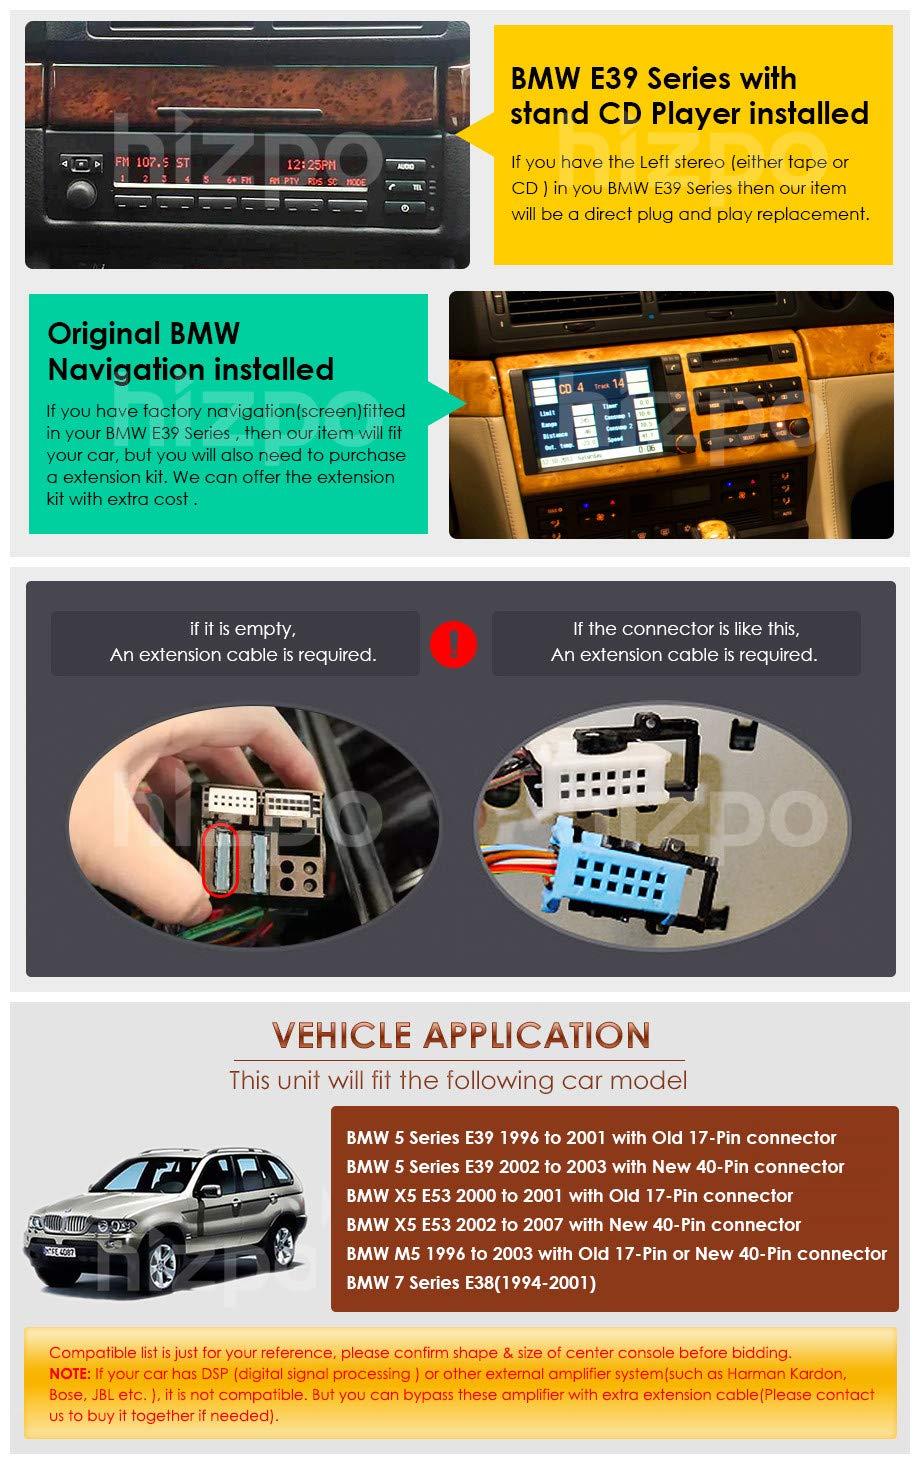 Hizpo Android 9.0 Lecteur Autoradio Bluetooth GPS avec Navigation GPS 9 1024X600 HD /Écran Tactile WiFi 4G USB SD CAM-in Compatible avec BMW S/érie 5 E39 BMW X5 E53 M5 BMW 7